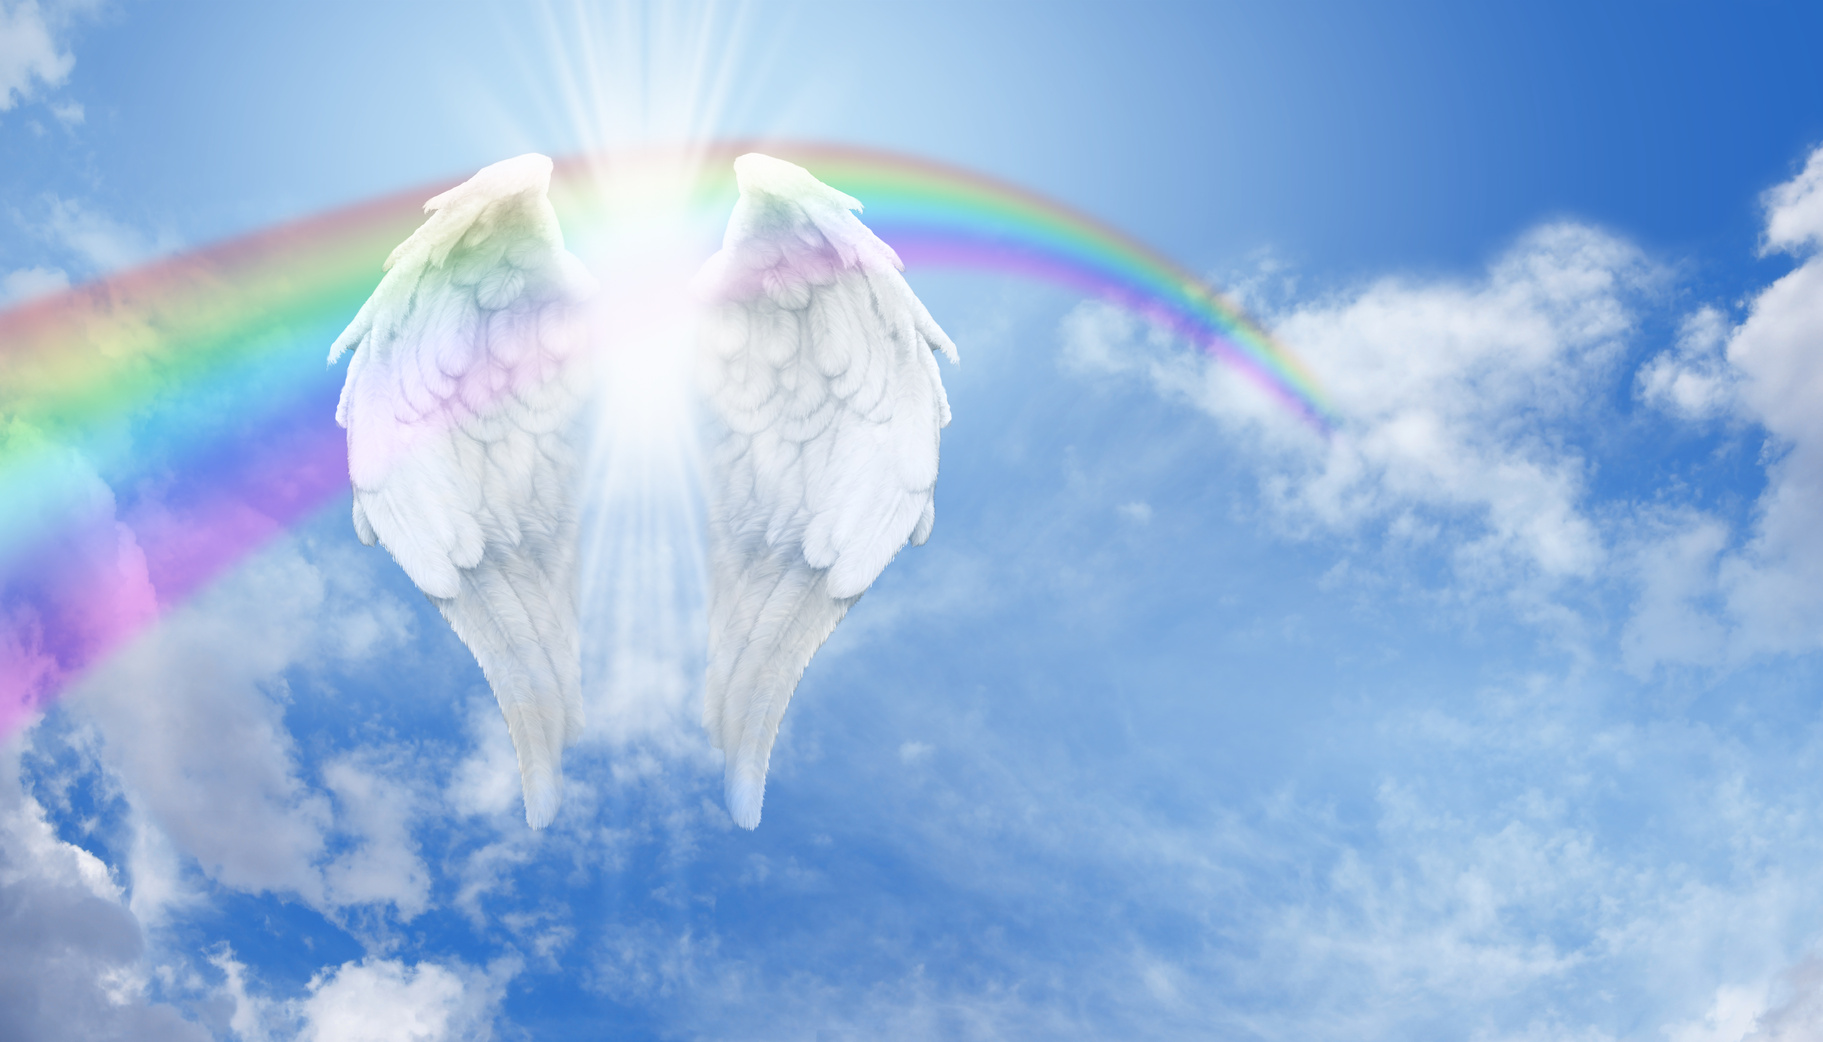 Dnevna anđeoska poruka!